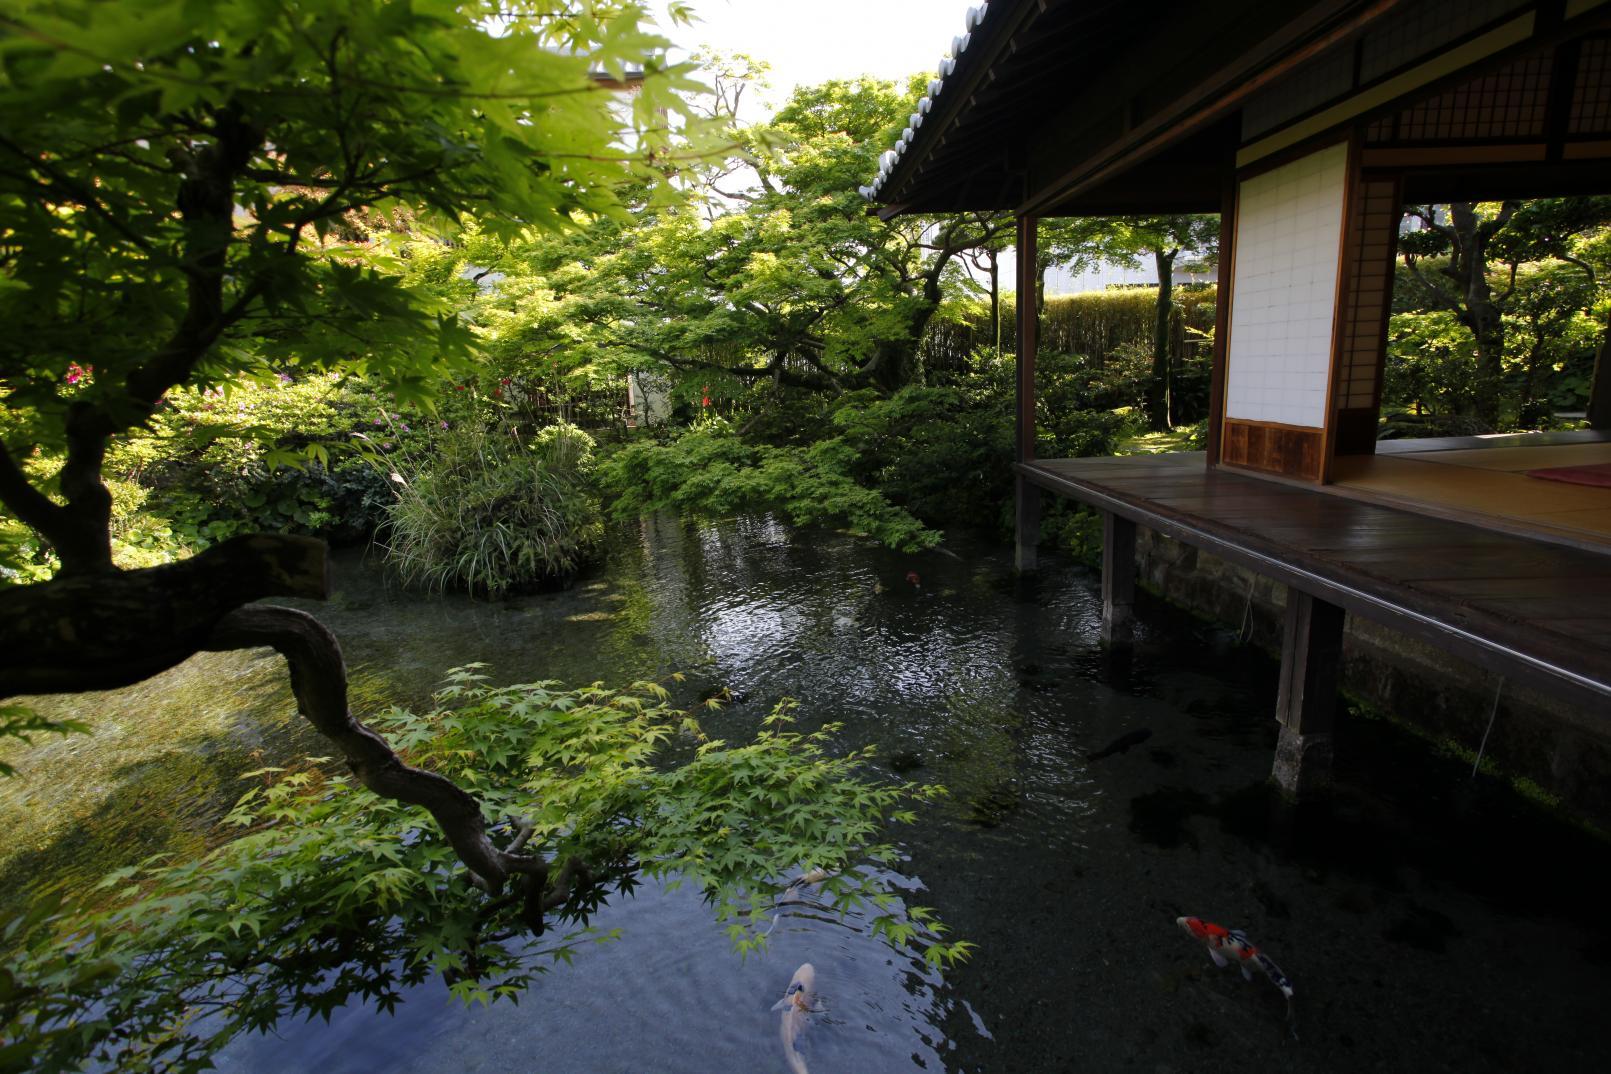 후쿠오카현과 나가사키현 시마바라 반도를 마음껏 즐기는 5일 코스-1